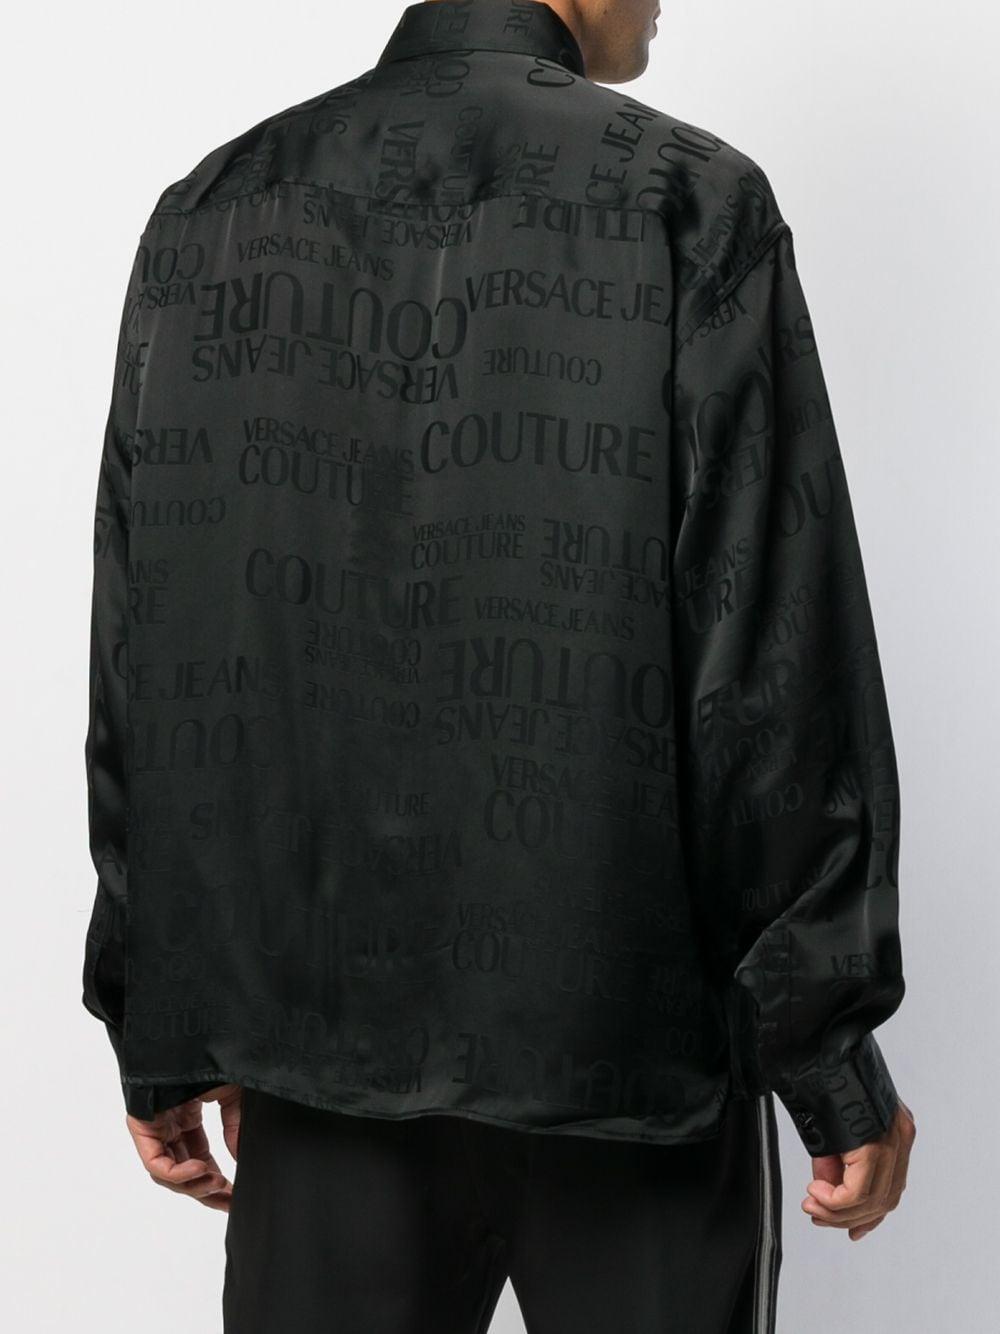 Versace Jeans Couture Denim Overhemd Met All-over Print in het Zwart voor heren